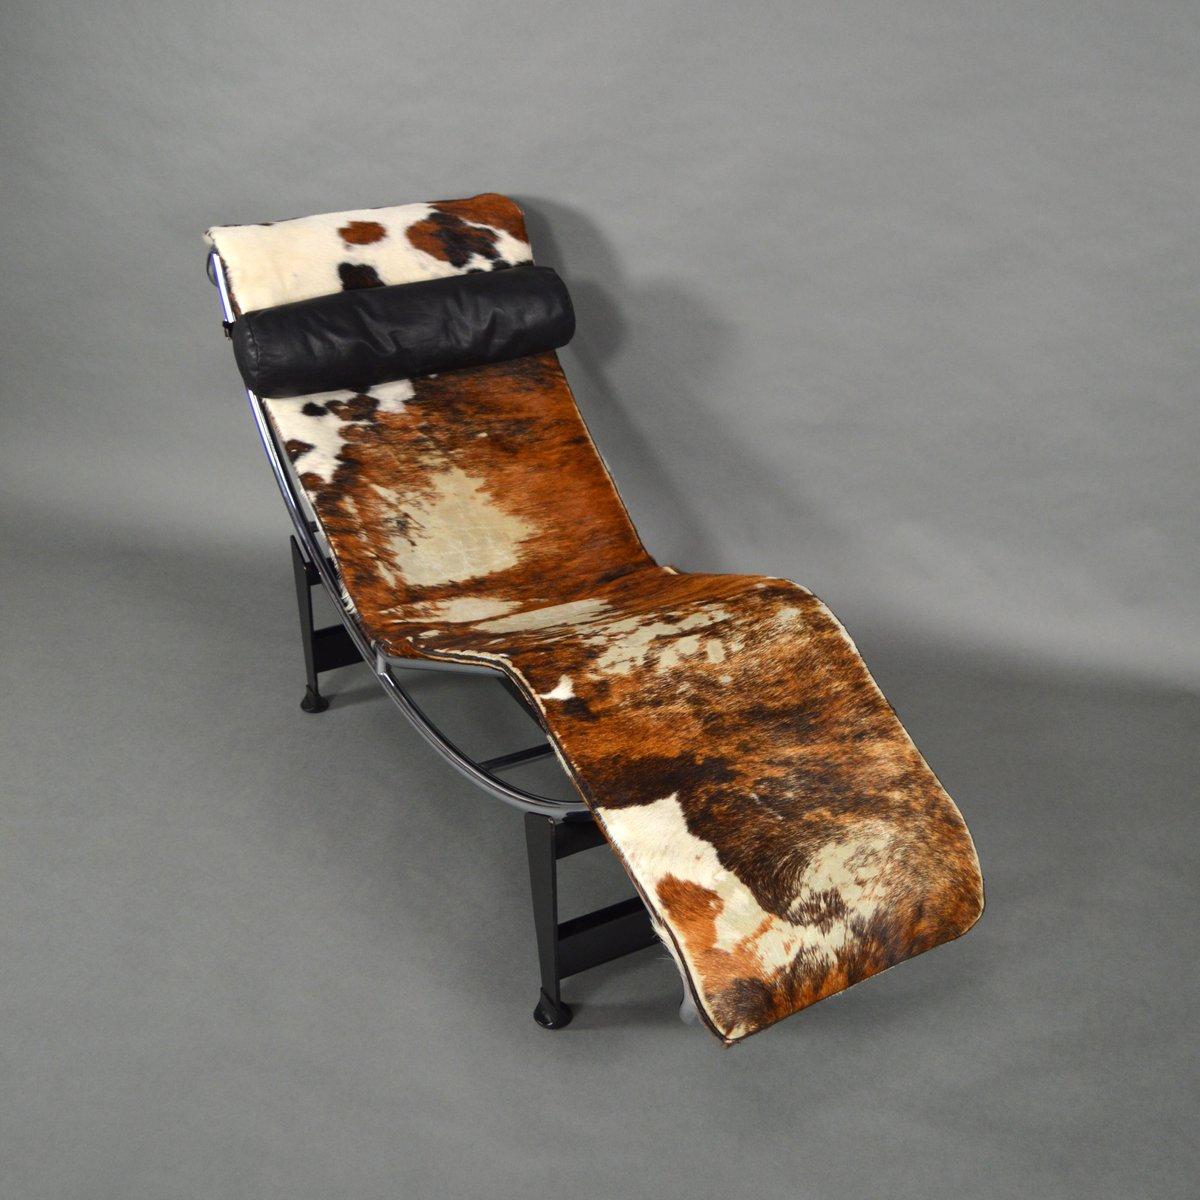 Chaise longue lc4 par le corbusier pour cassina 1960s en vente sur pamono - Chaise longue en anglais ...